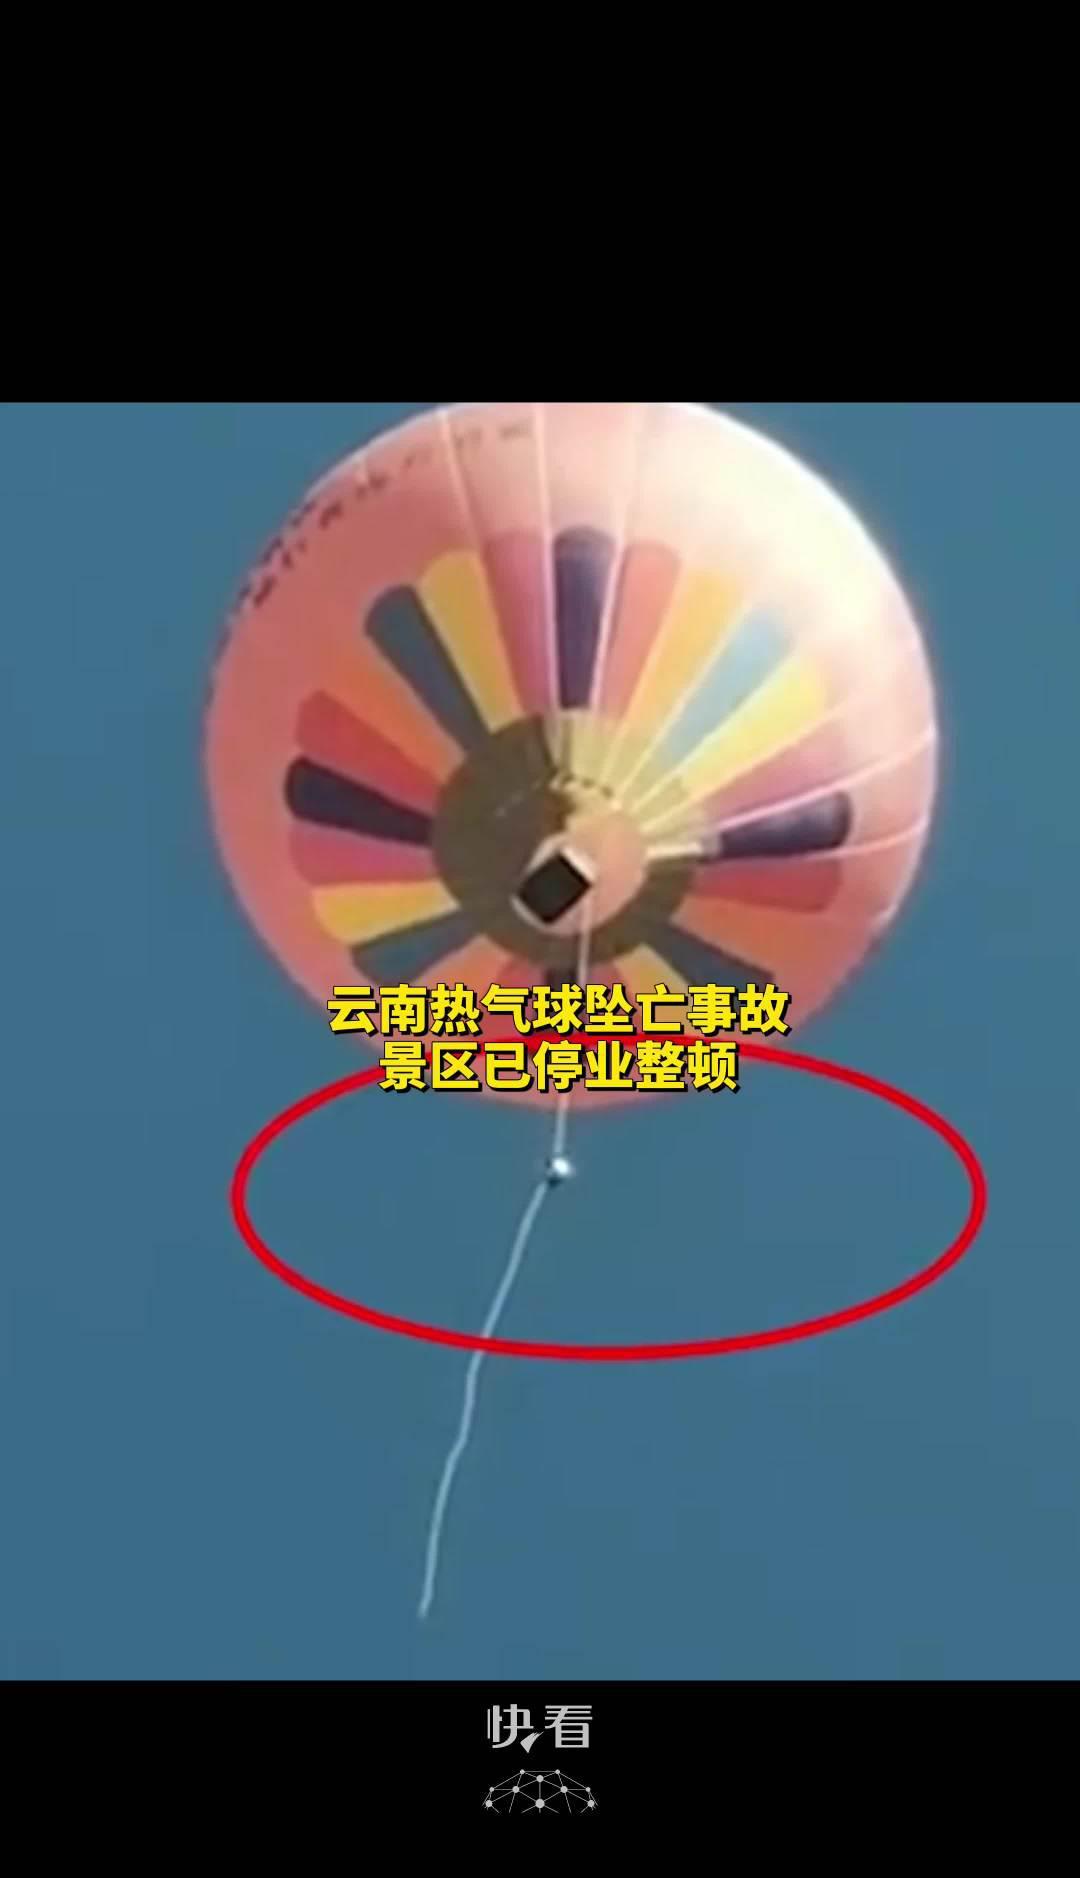 云南腾冲热气球坠亡事故景区已停业整顿